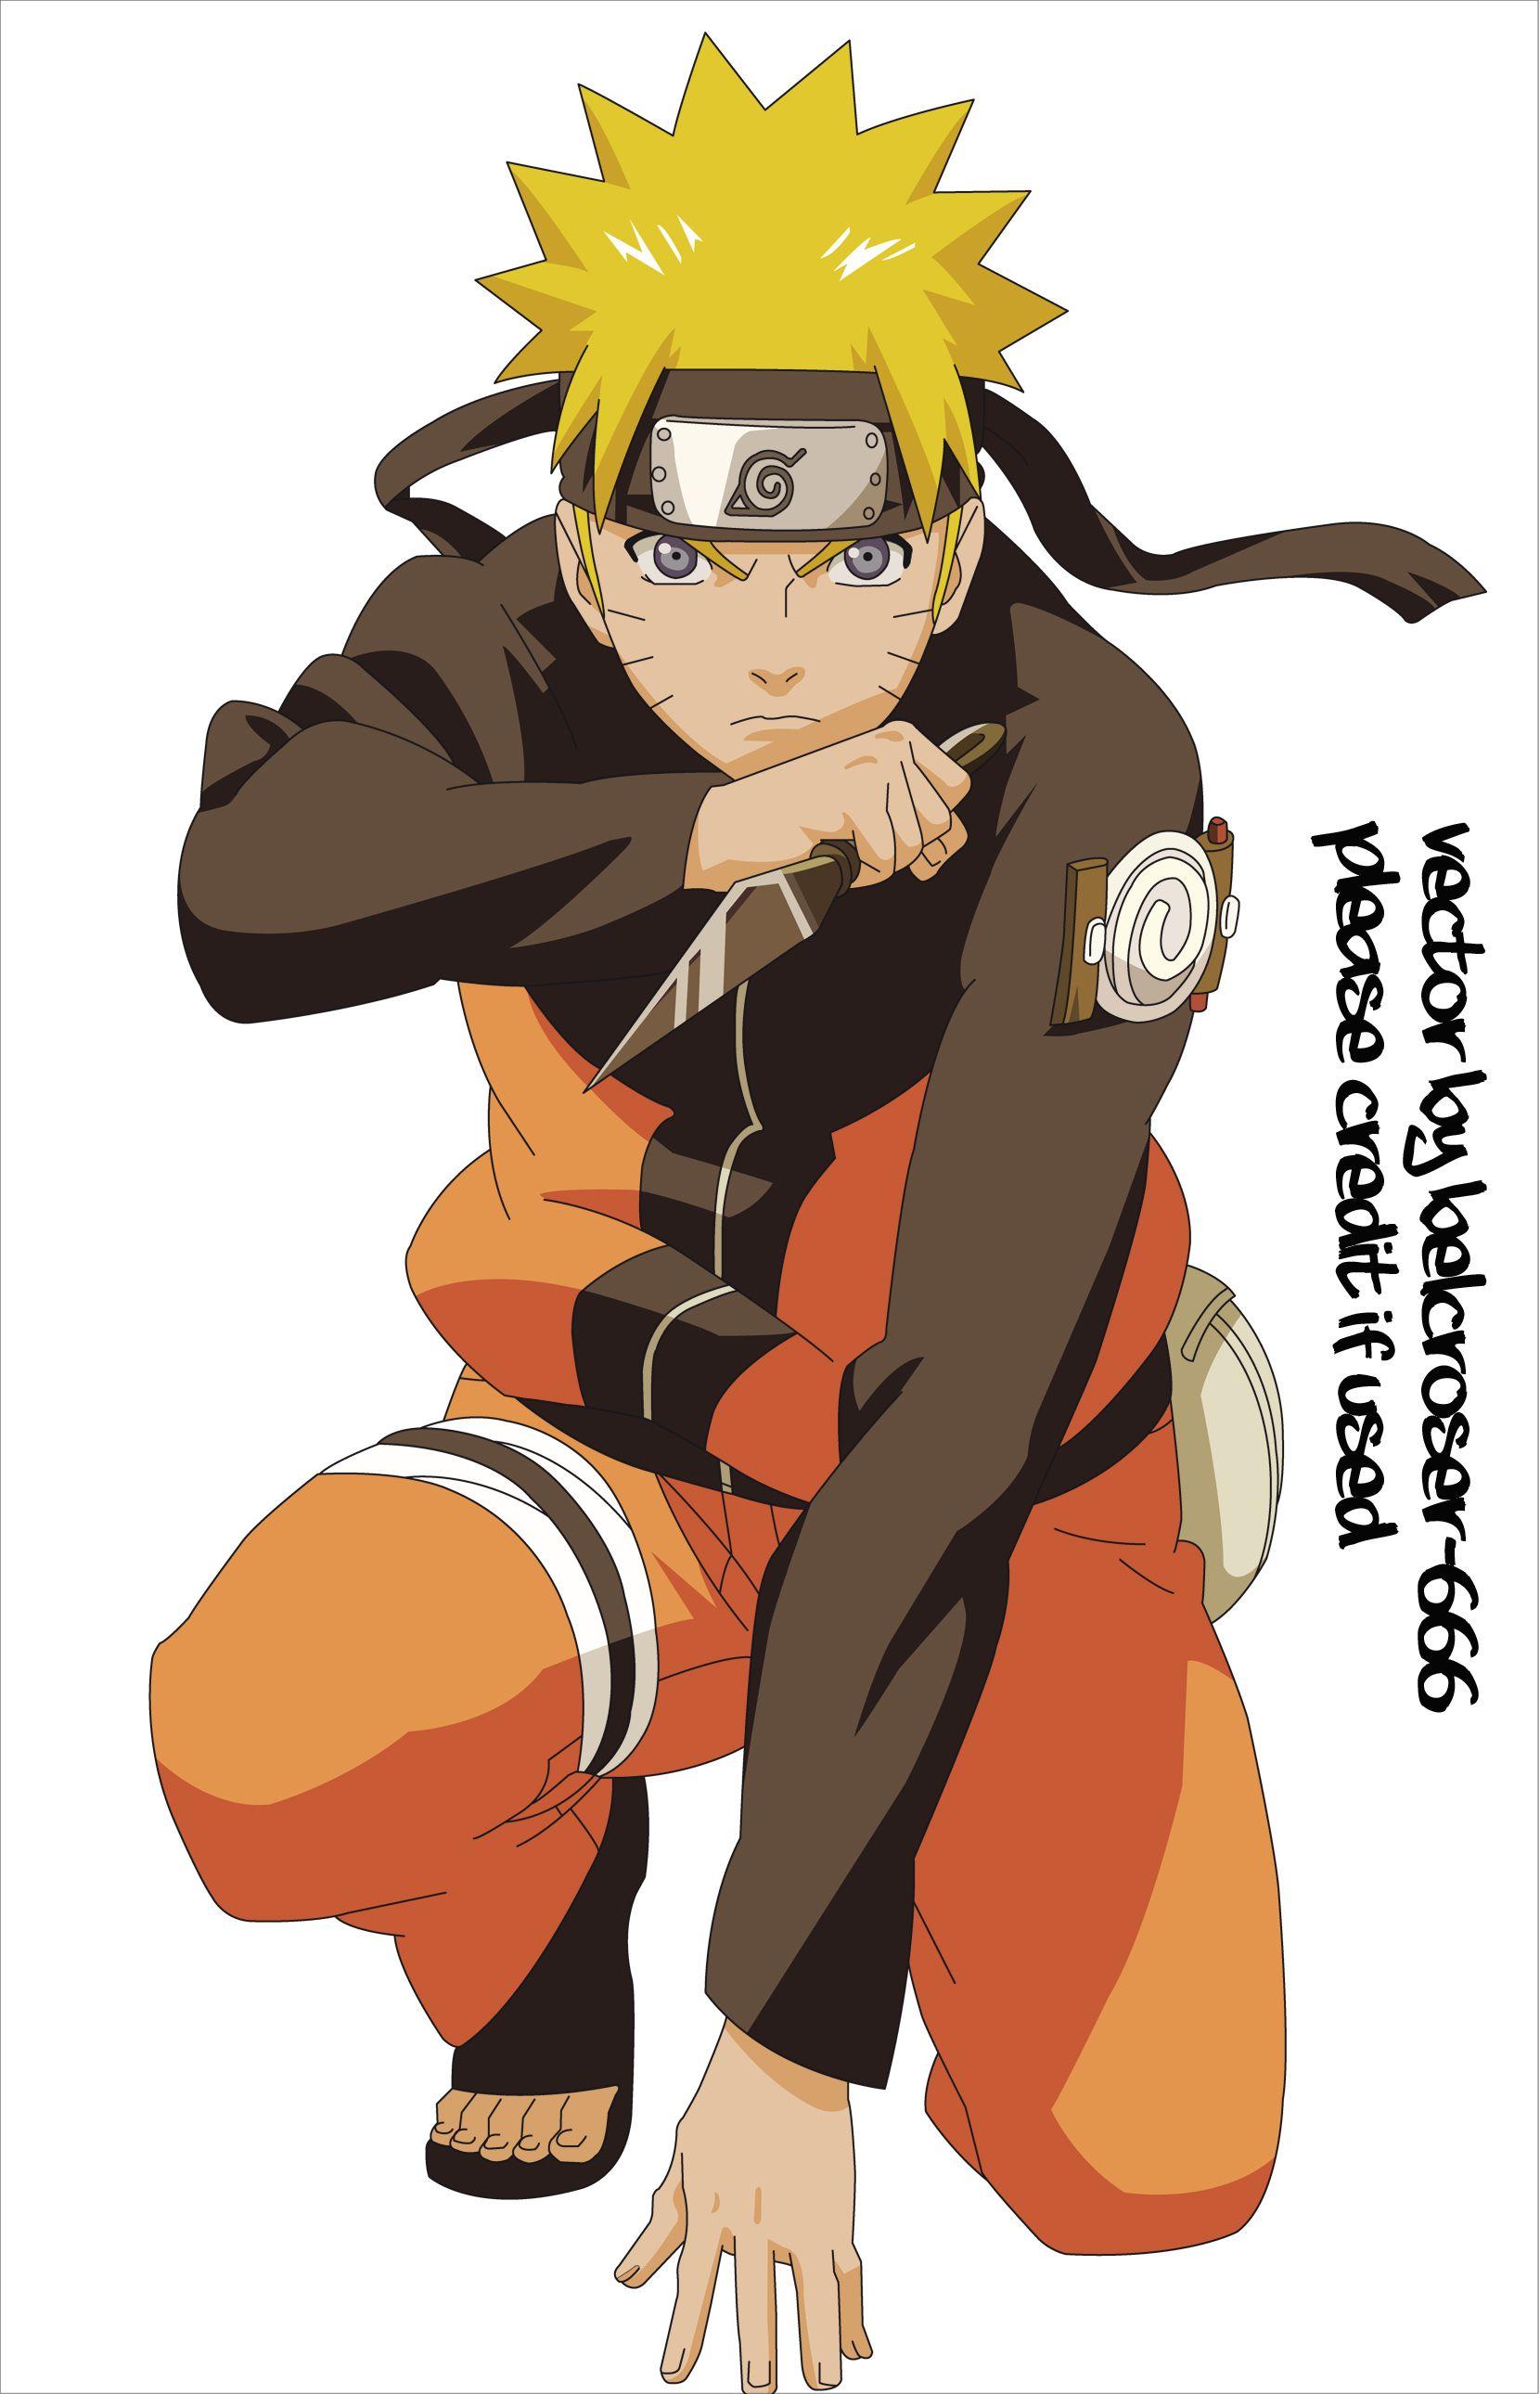 Naruto Uzumaki Naruto Uzumaki Taught Me That No Matter What Anyone Says Always Strive To Ach Naruto Shippuden Sasuke Naruto Shippuden Anime Naruto Shippudden